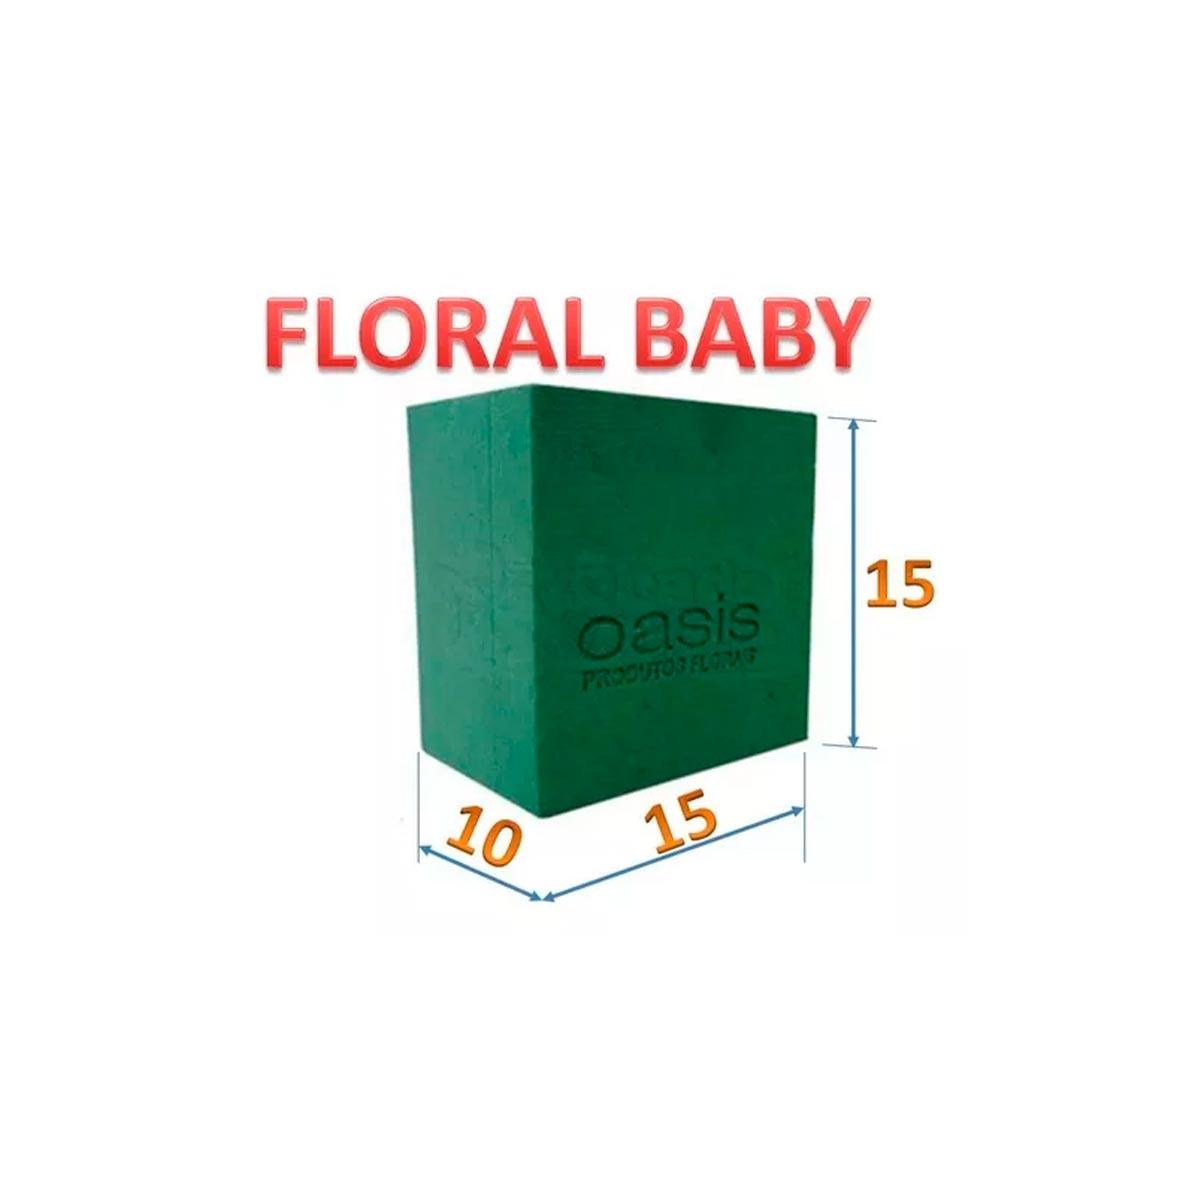 ESPUMA FLORAL BABY - CAIXA COM 18 UNIDADES